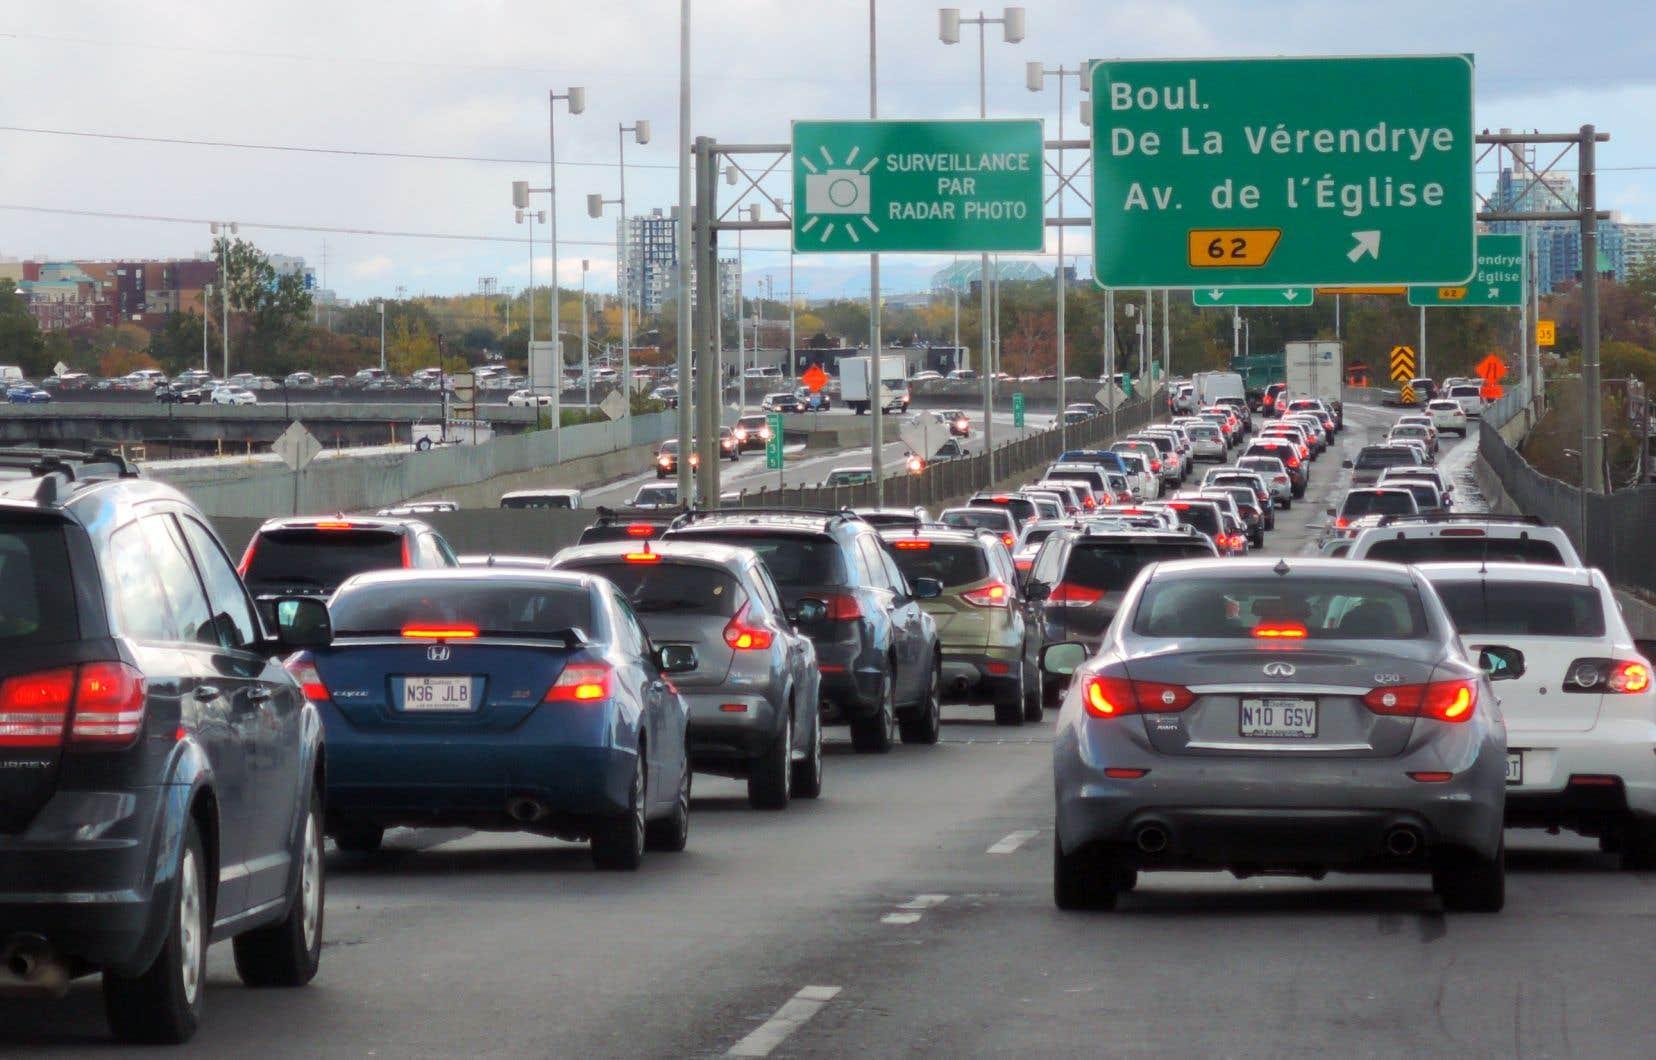 «Le secteur des transports, entre autres, aura besoin de mesures pour réduire ses GES, la congestion et le nombre de déplacements», mentionne l'auteur.